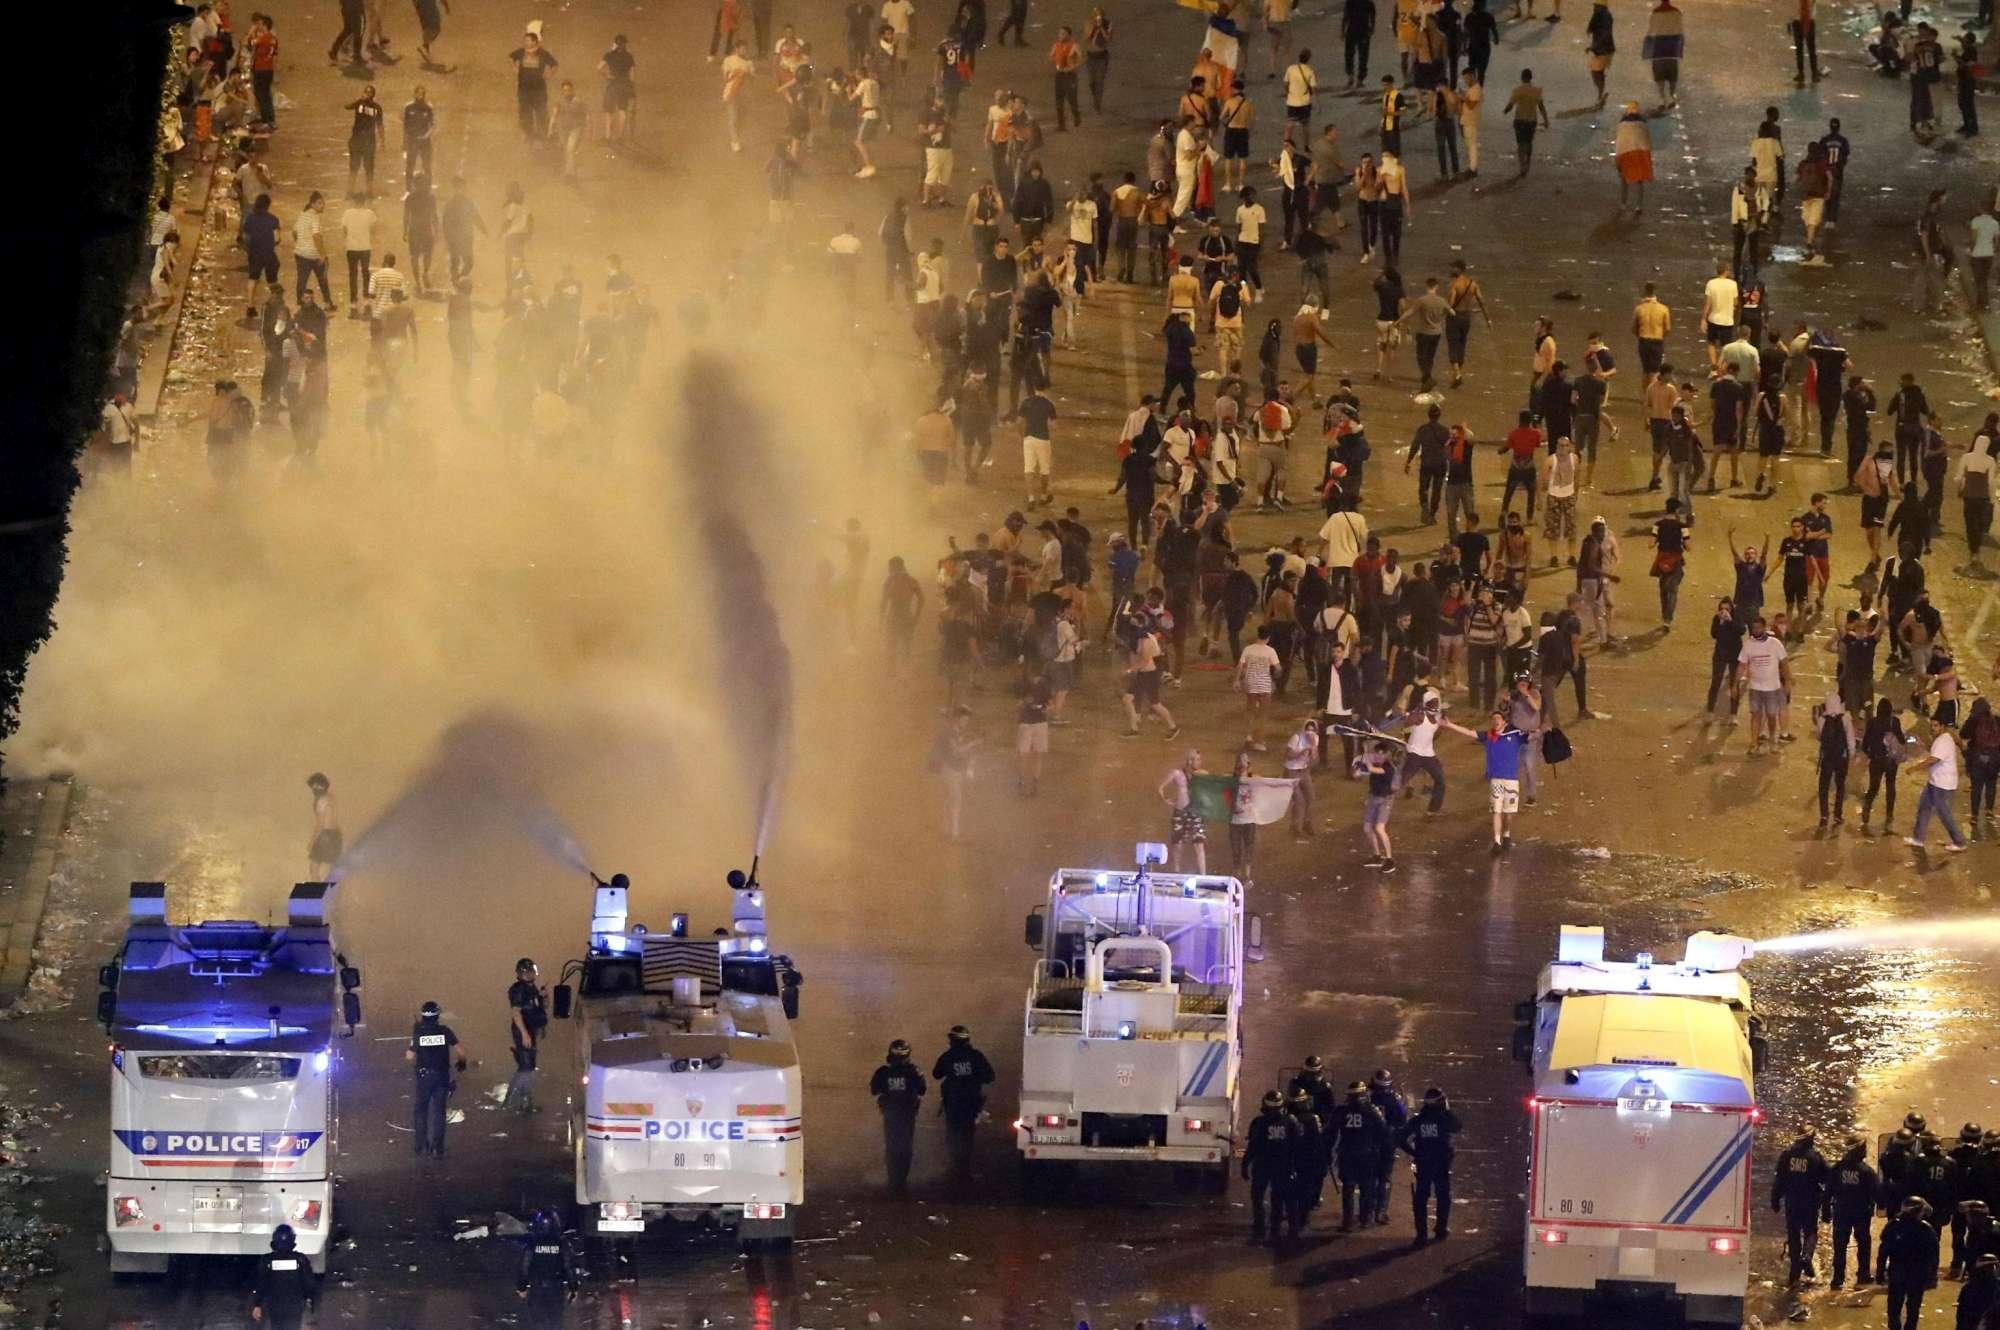 FOTO/ Prishet festa franceze: incidente dhe një i vdekur në Paris